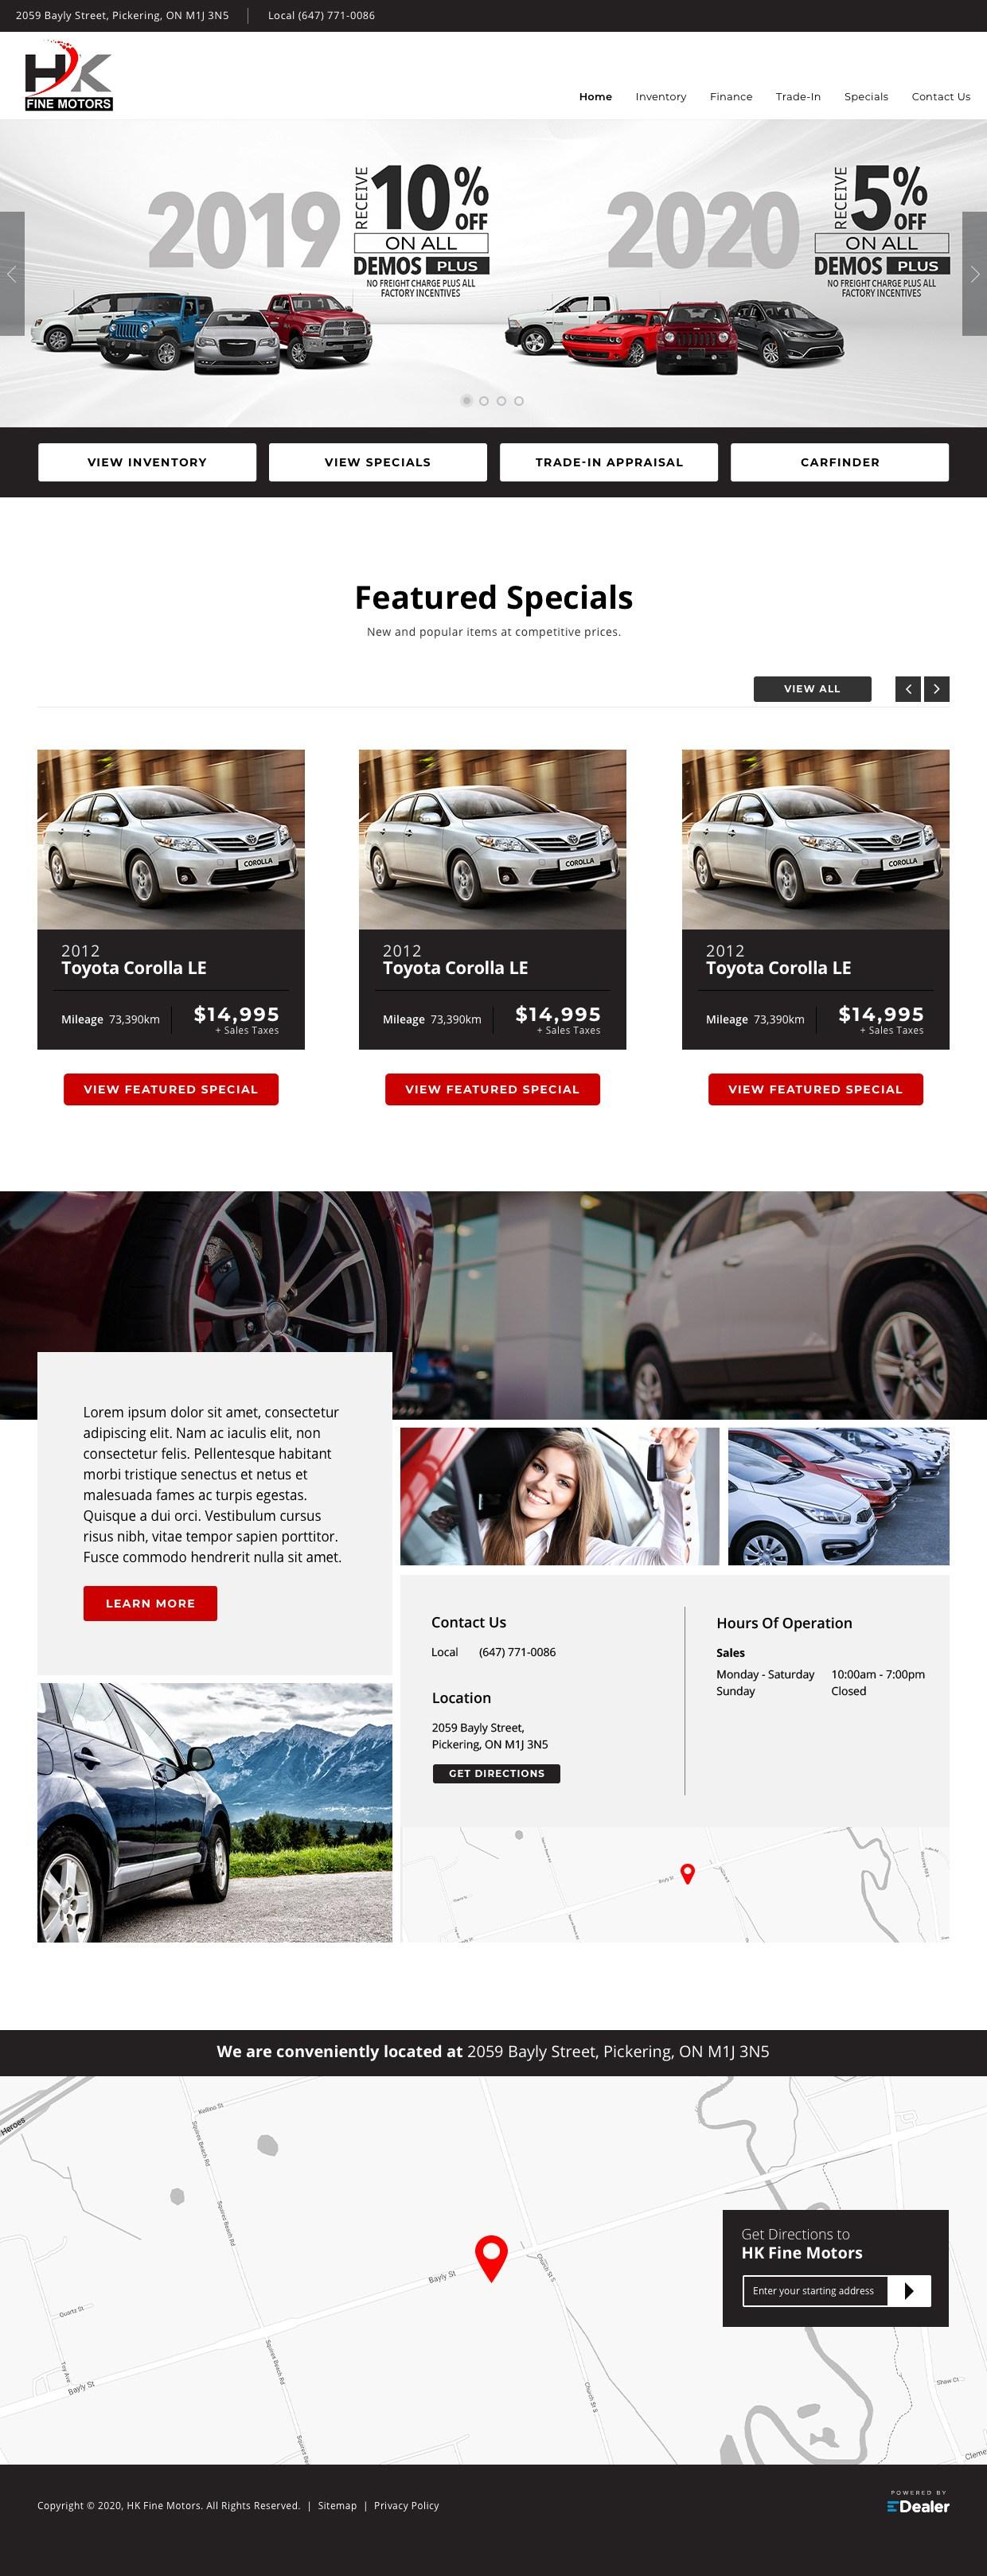 HK Fine Motors